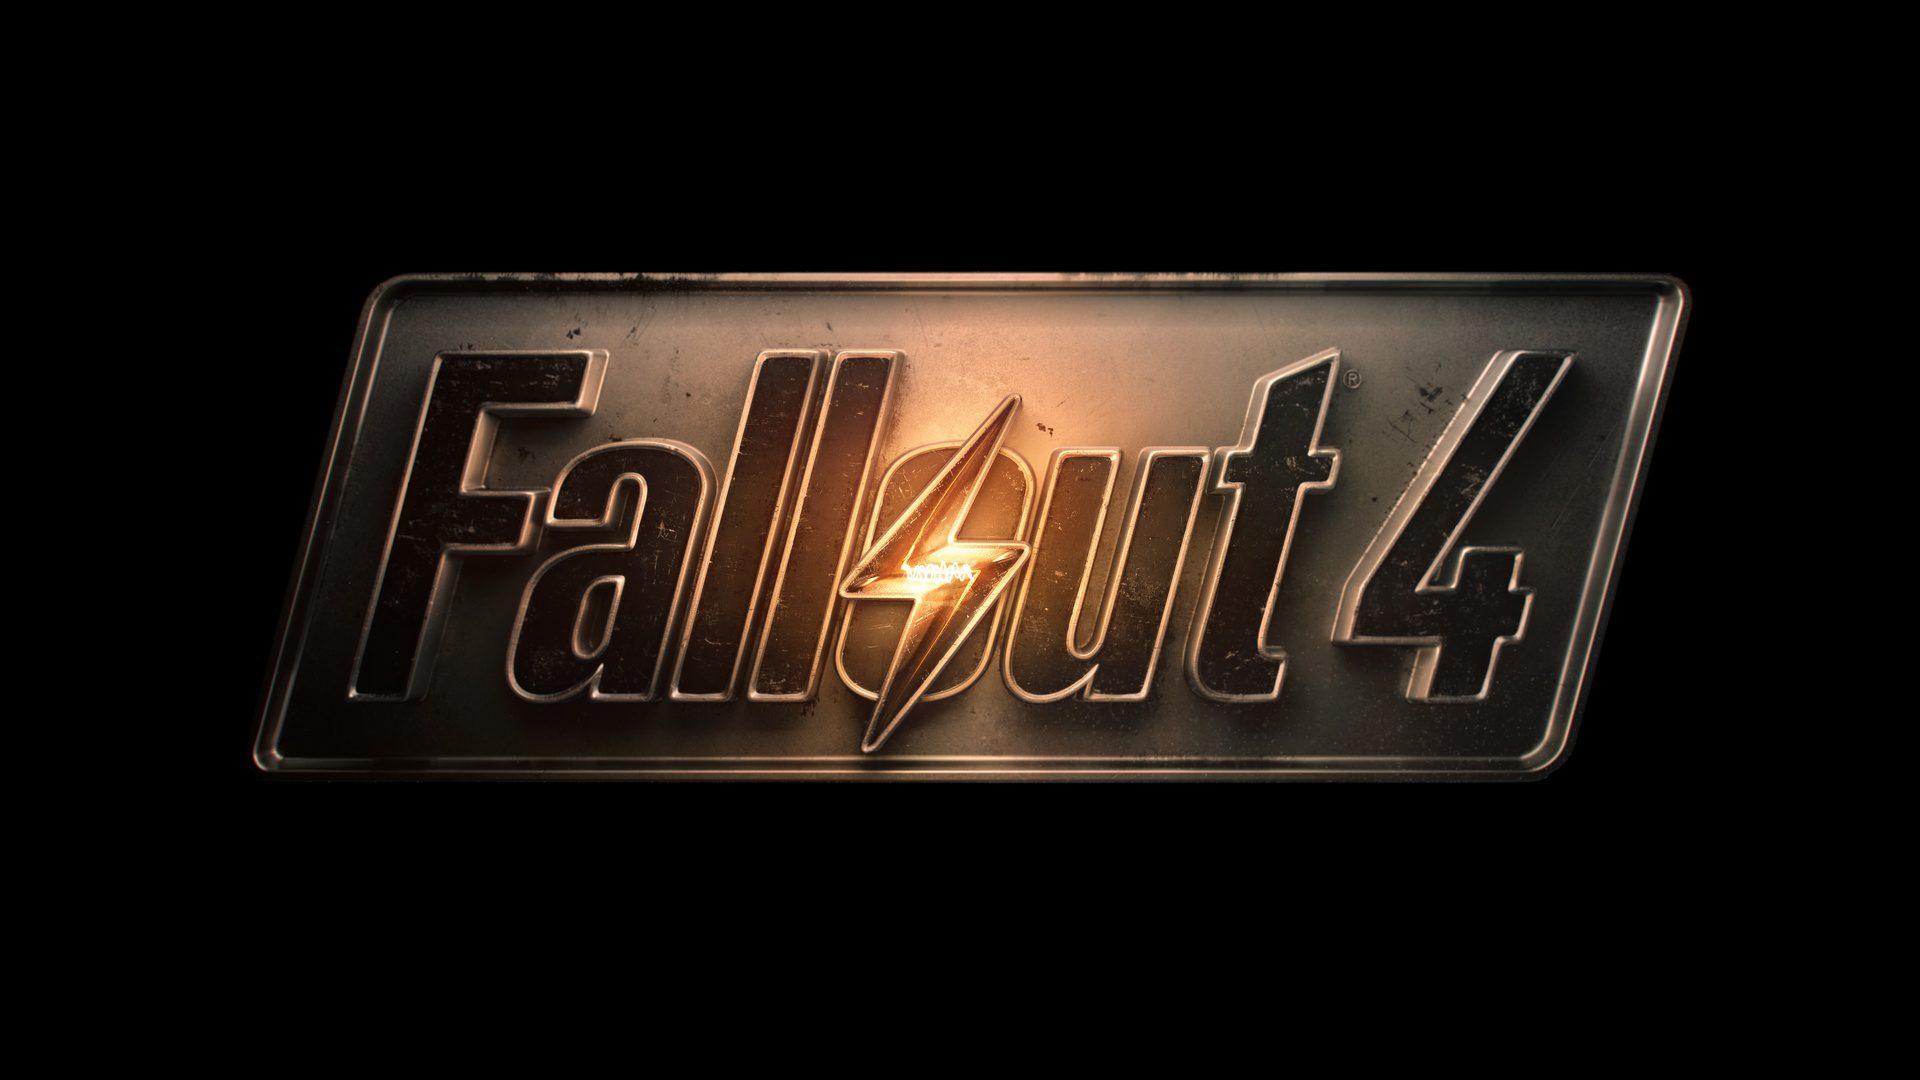 Este mod de Fallout 4 adiciona luzes projetadas às sombras a ...